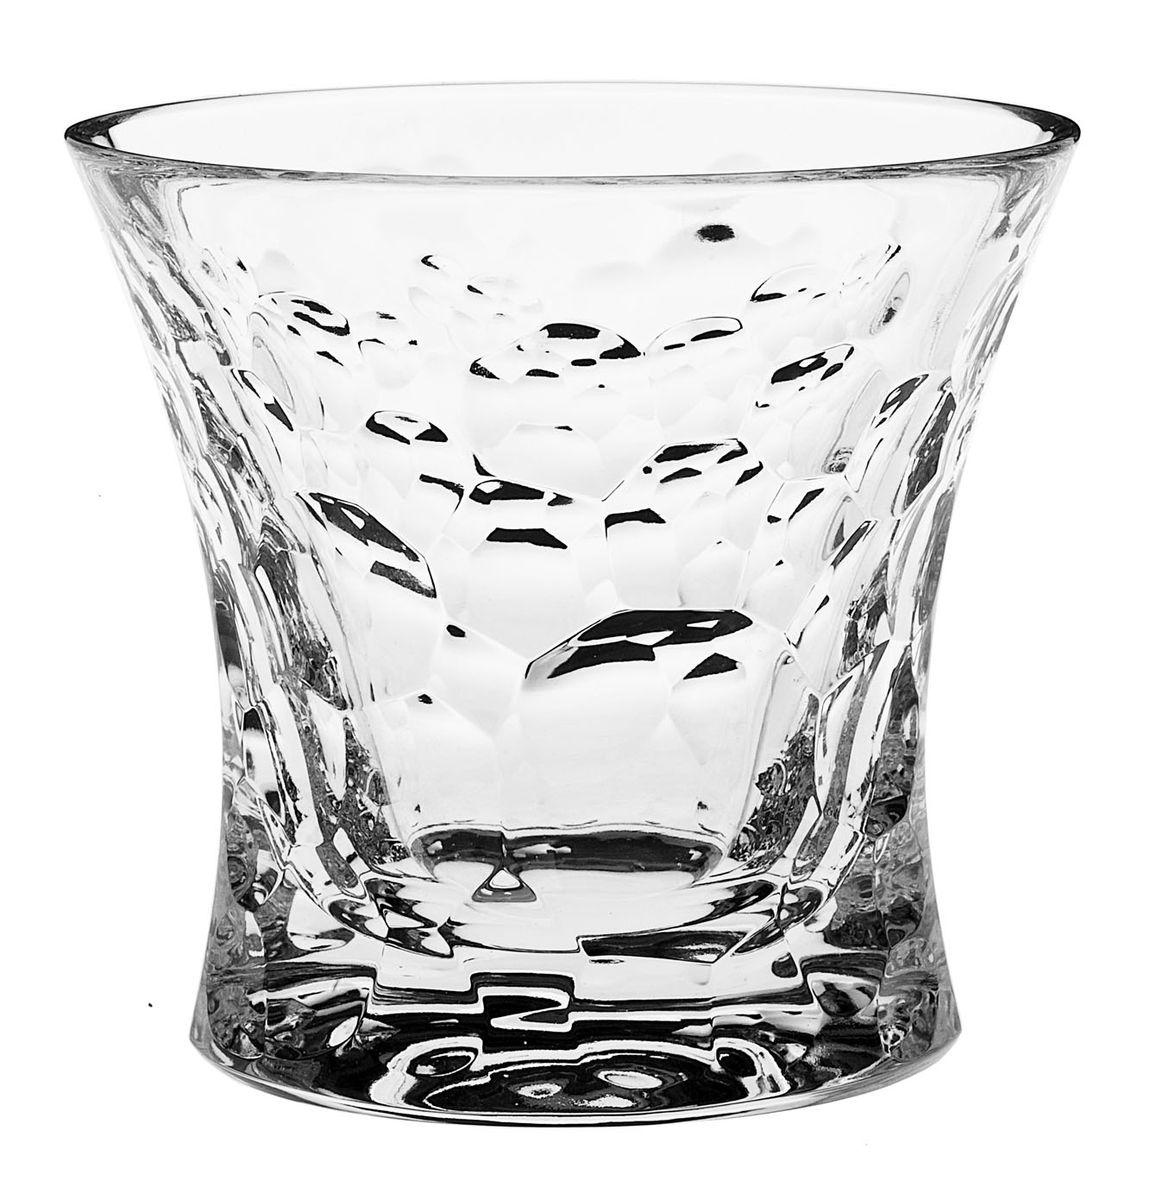 Набор стаканов Crystal Bohemia, 200 мл, 6 шт990/21204/0/05106/200-609Набор Crystal Bohemia состоит из шести стаканов. Изделия выполнены из хрусталя. Предметы набора имеют прозрачную поверхность и декорированы оригинальным рельефом. Они излучают приятный блеск и издают мелодичный звон.Набор Crystal Bohemia прекрасно оформит интерьер кабинета или гостиной и станет отличным дополнением бара. Такой набор также станет хорошим подарком к любому случаю. Диаметр стакана (по верхнему краю): 10 см. Высота стакана: 10 см. Размер дна стакана: 8,5 см х 7,5 см.